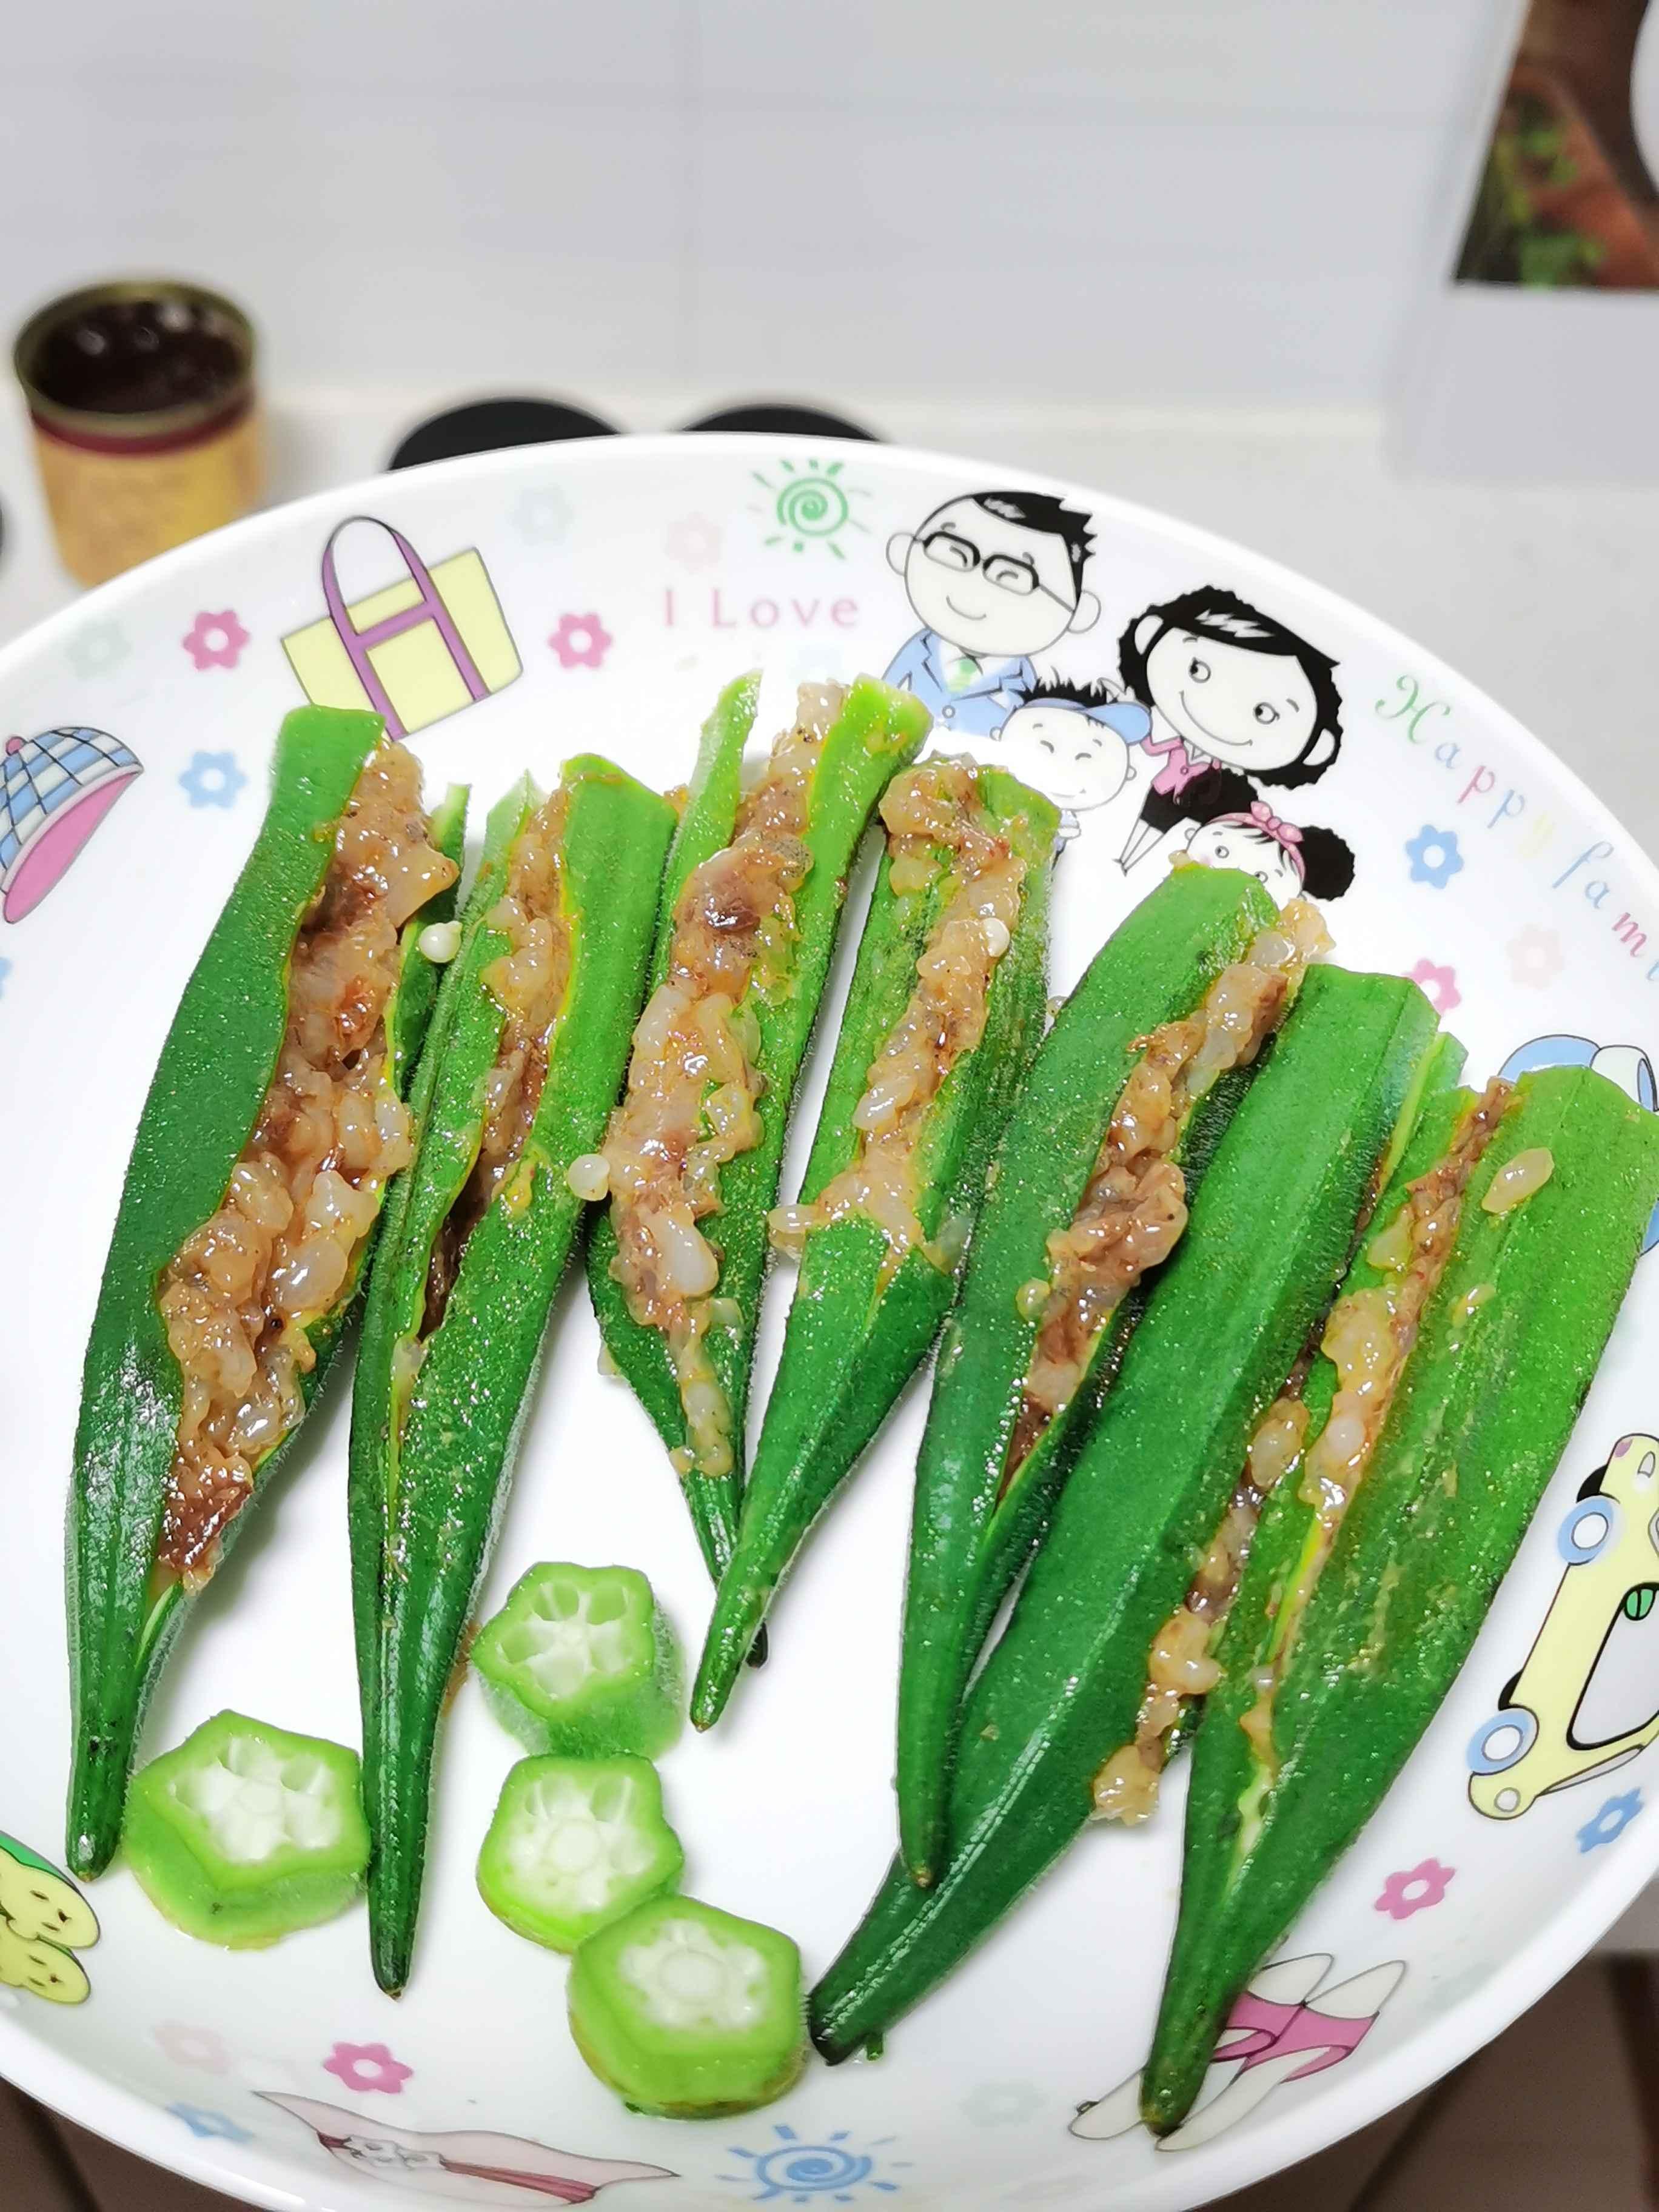 虾蓉酱秋葵的简单做法